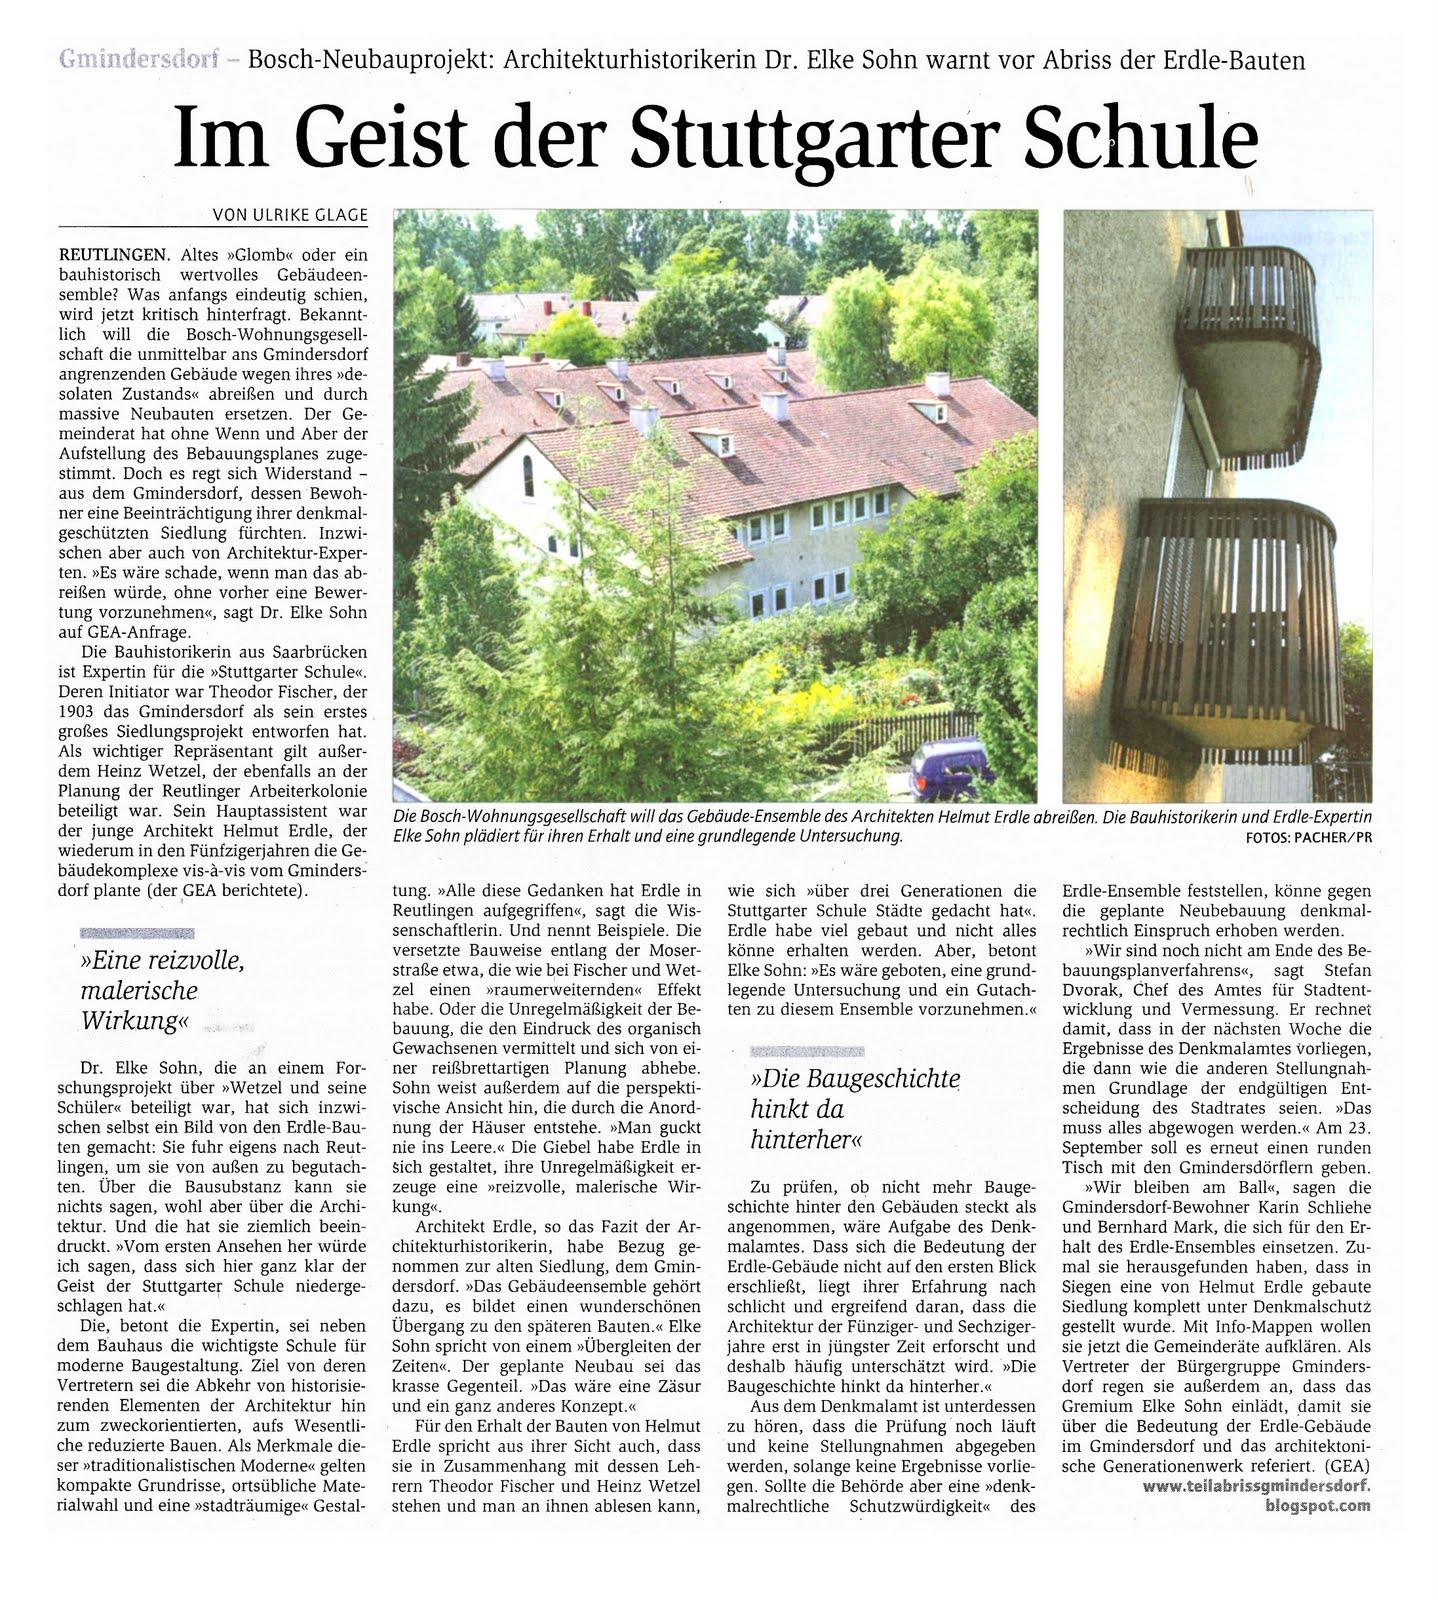 Teilabriss arbeitersiedlung gmindersdorf artikel im for Reutlinger general anzeiger immobilien